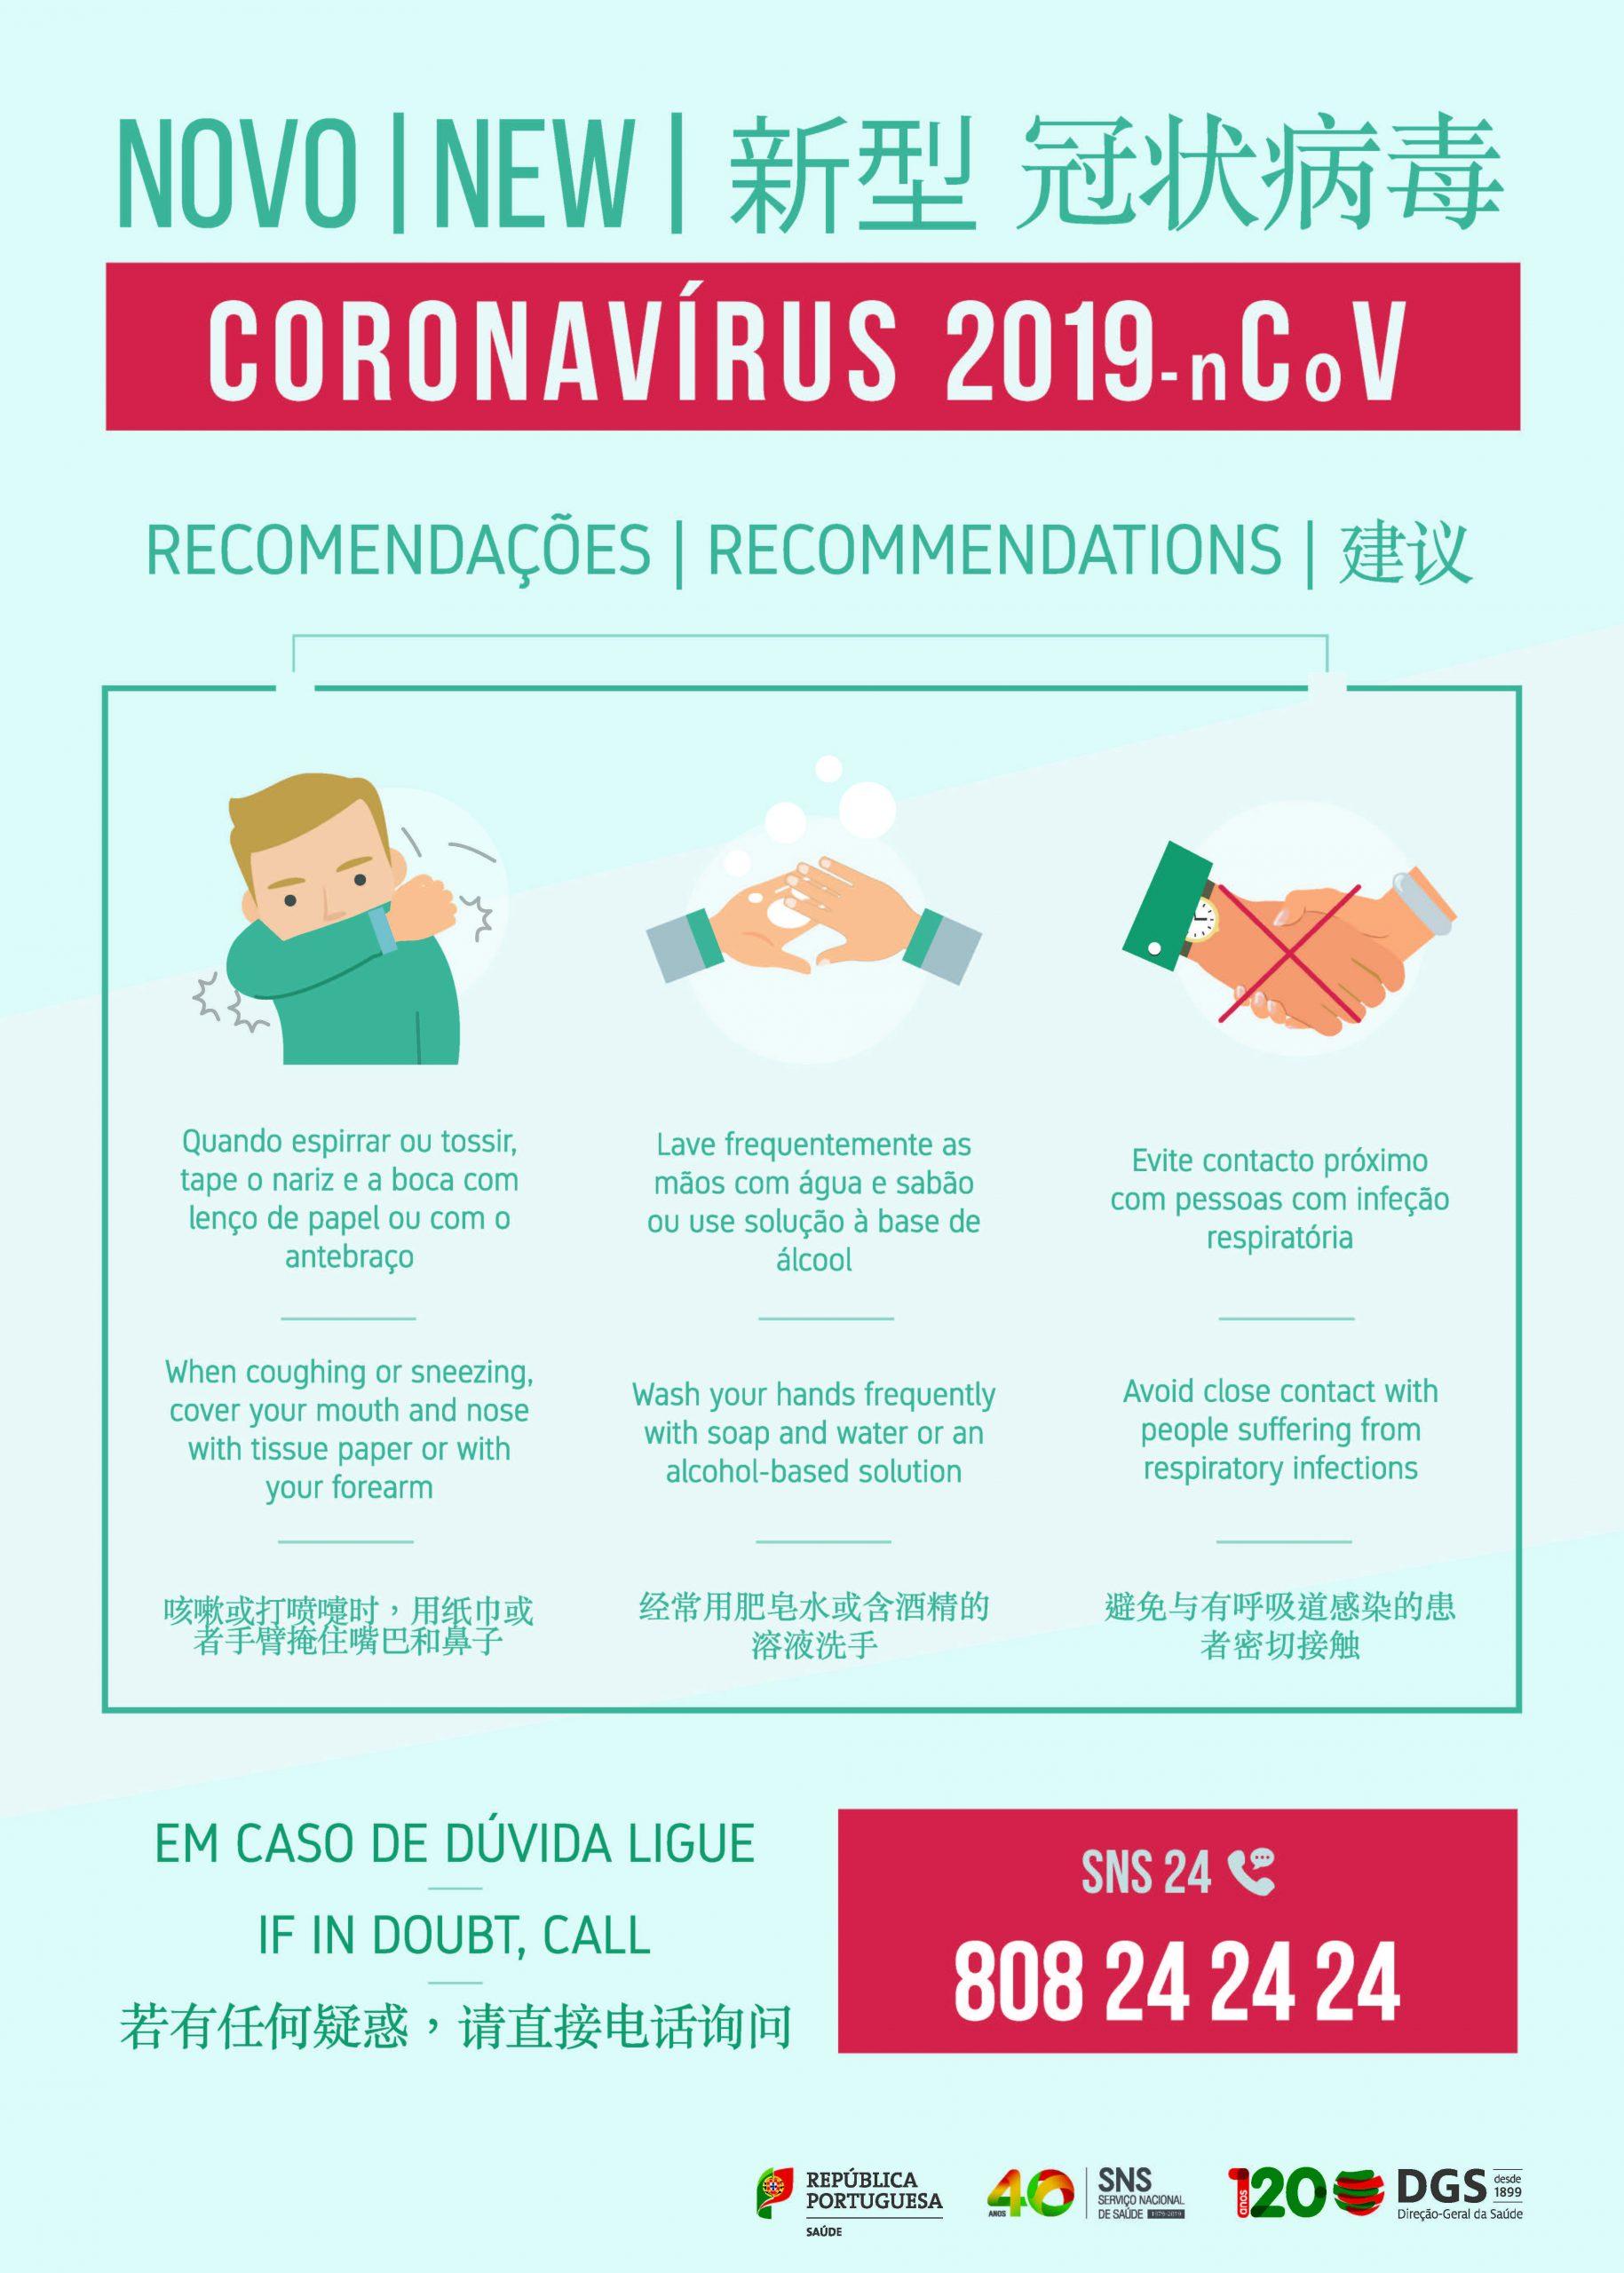 CORONAVÍRUS: RECOMENDAÇÕES DA DIREÇÃO-GERAL DA SAÚDE